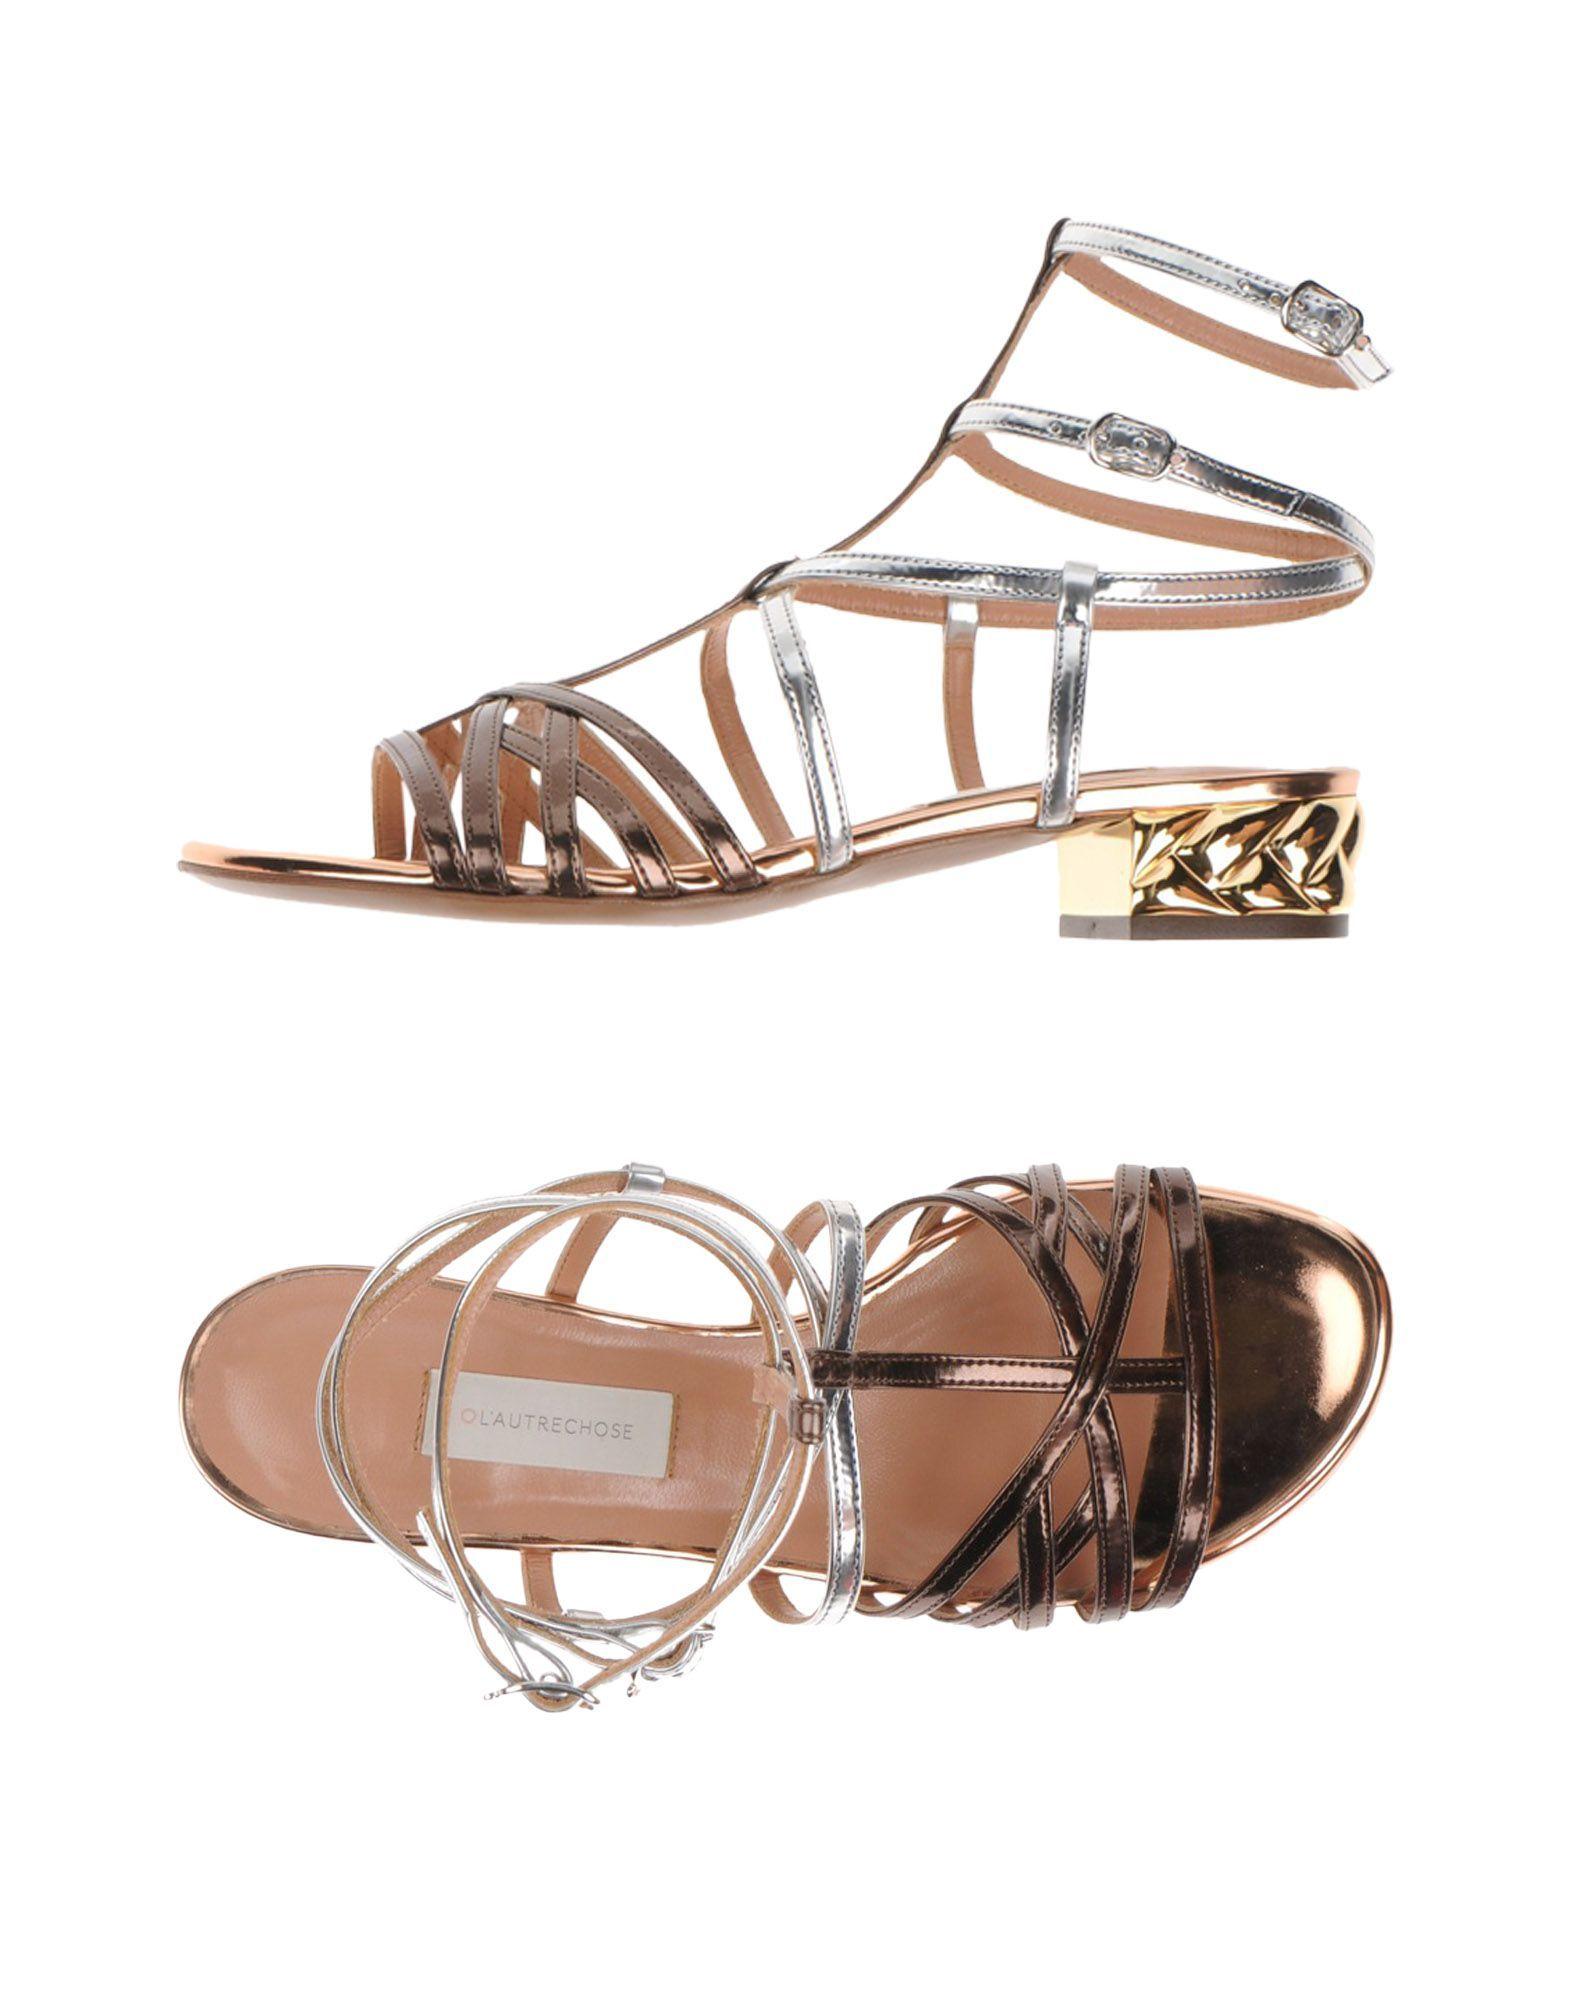 76073113fec7 L AUTRE CHOSE Sandals.  lautrechose  shoes